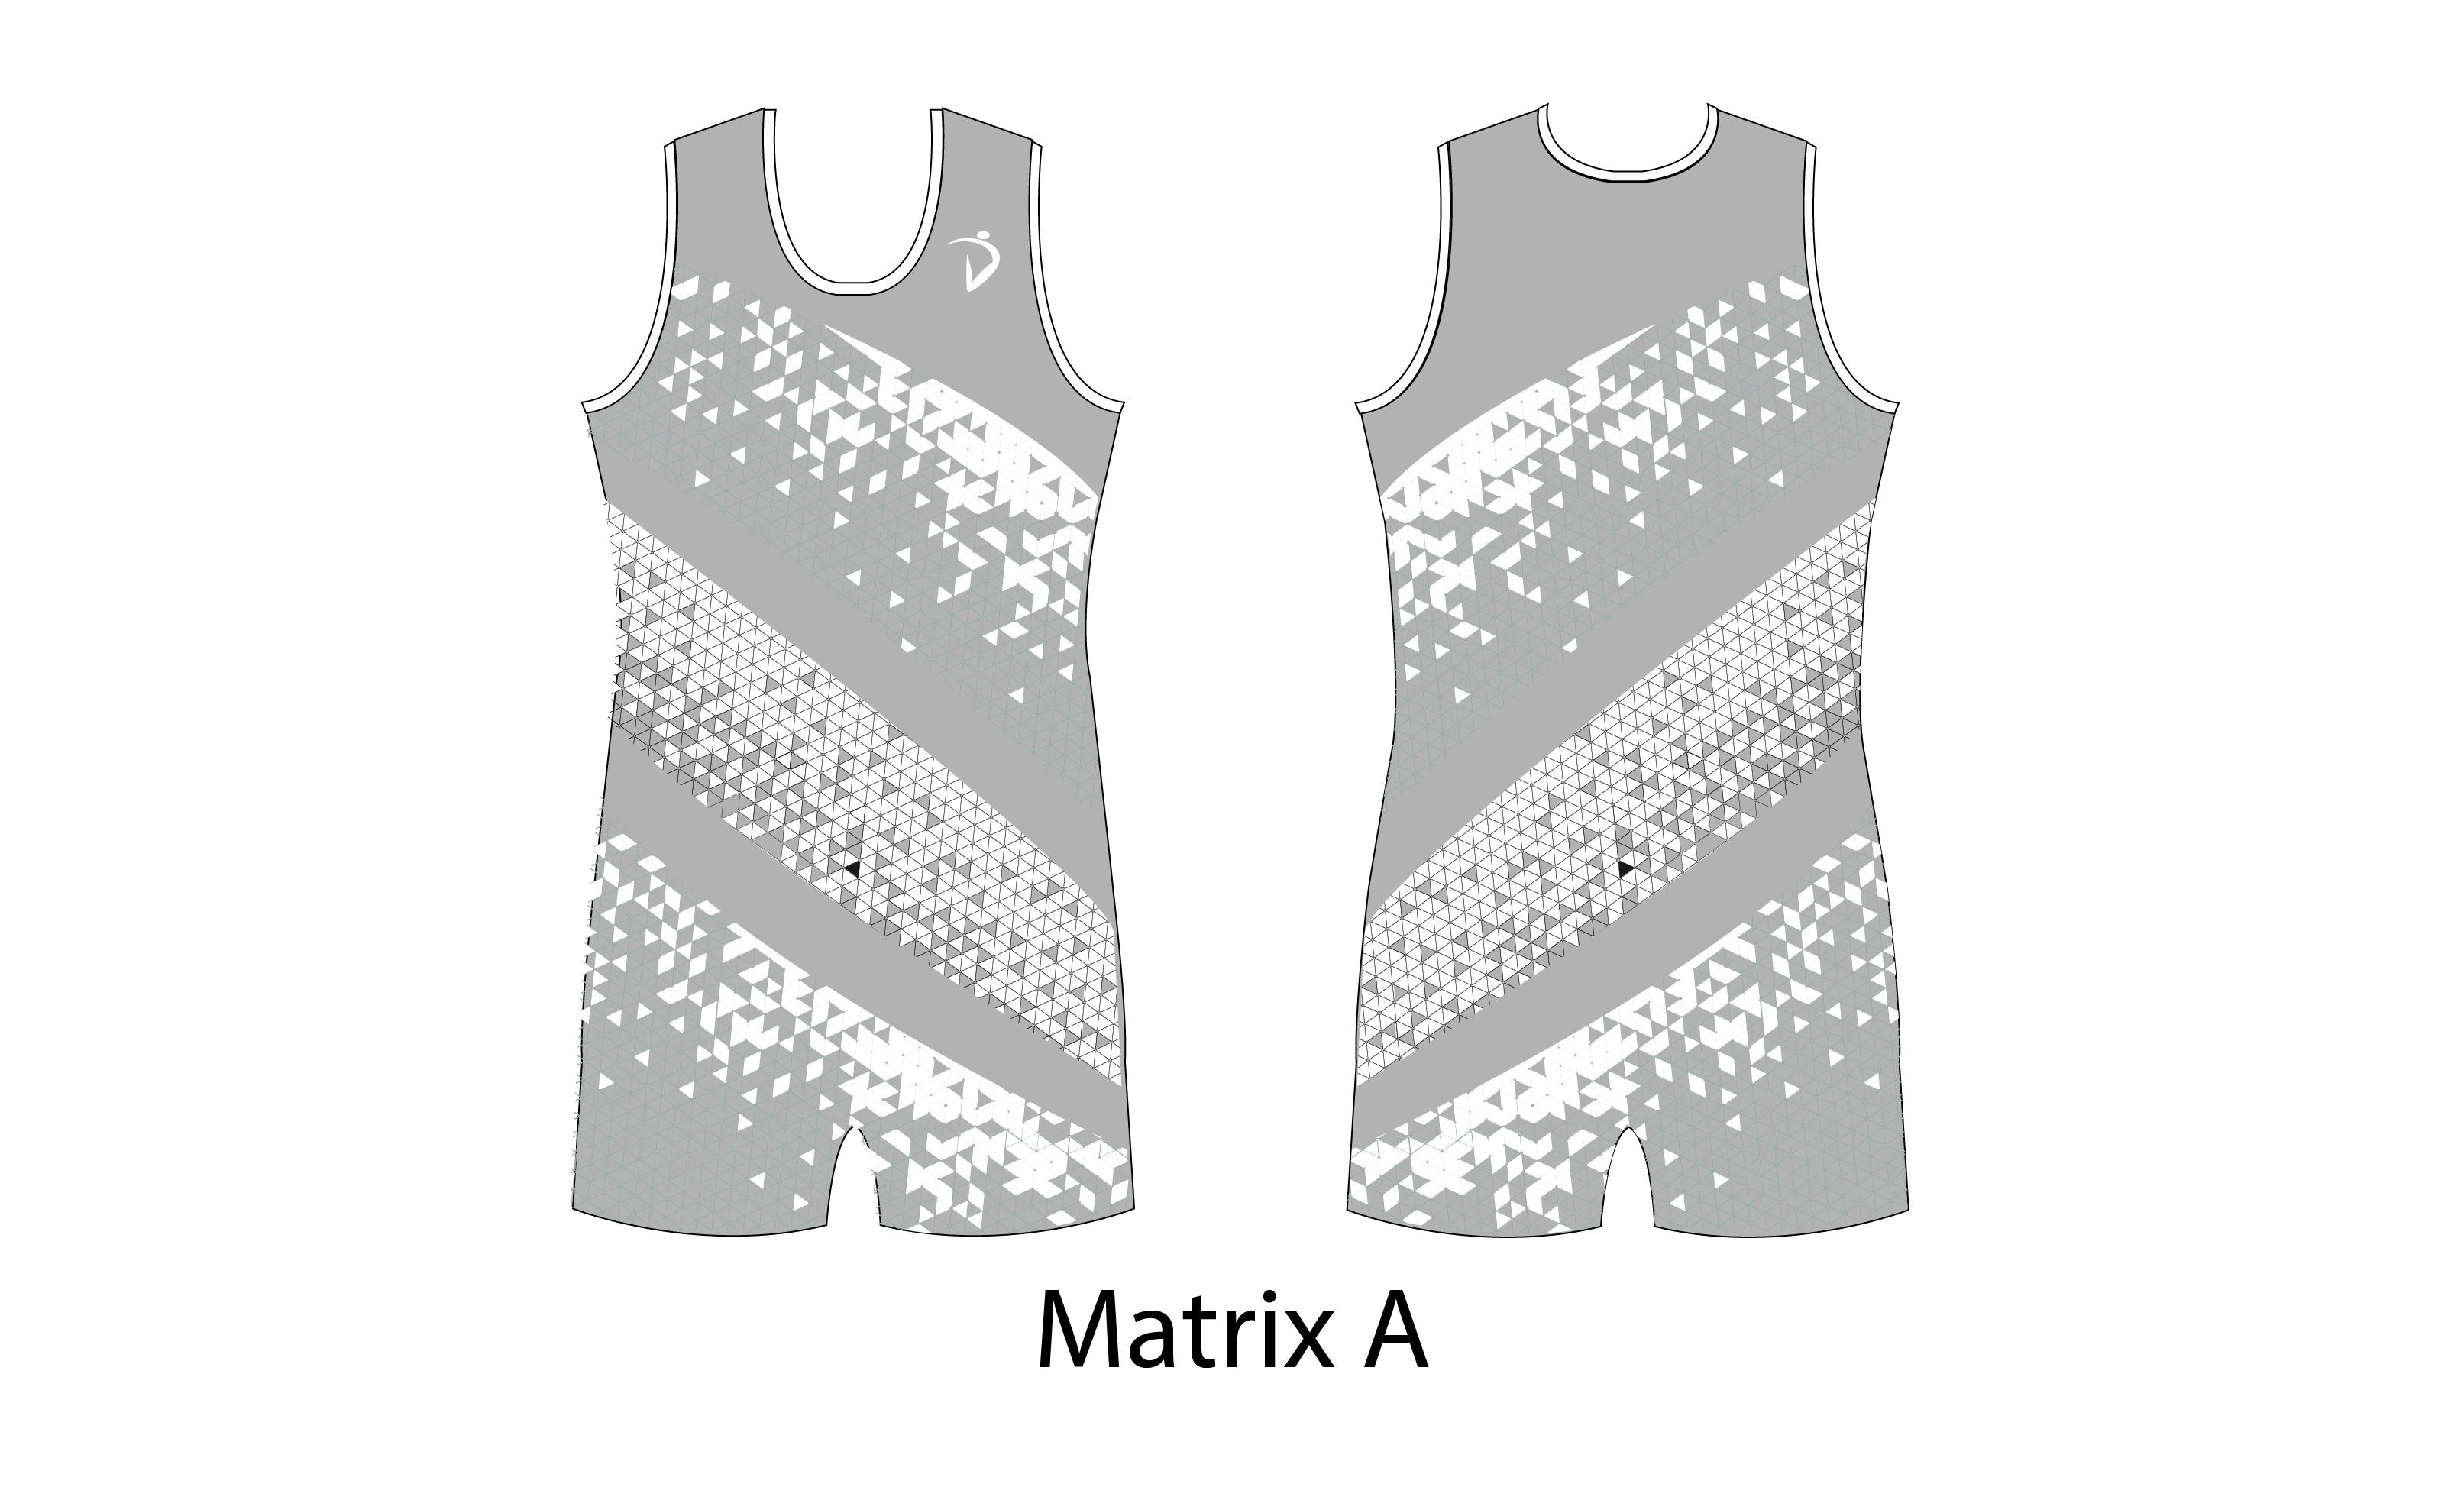 Matrix A